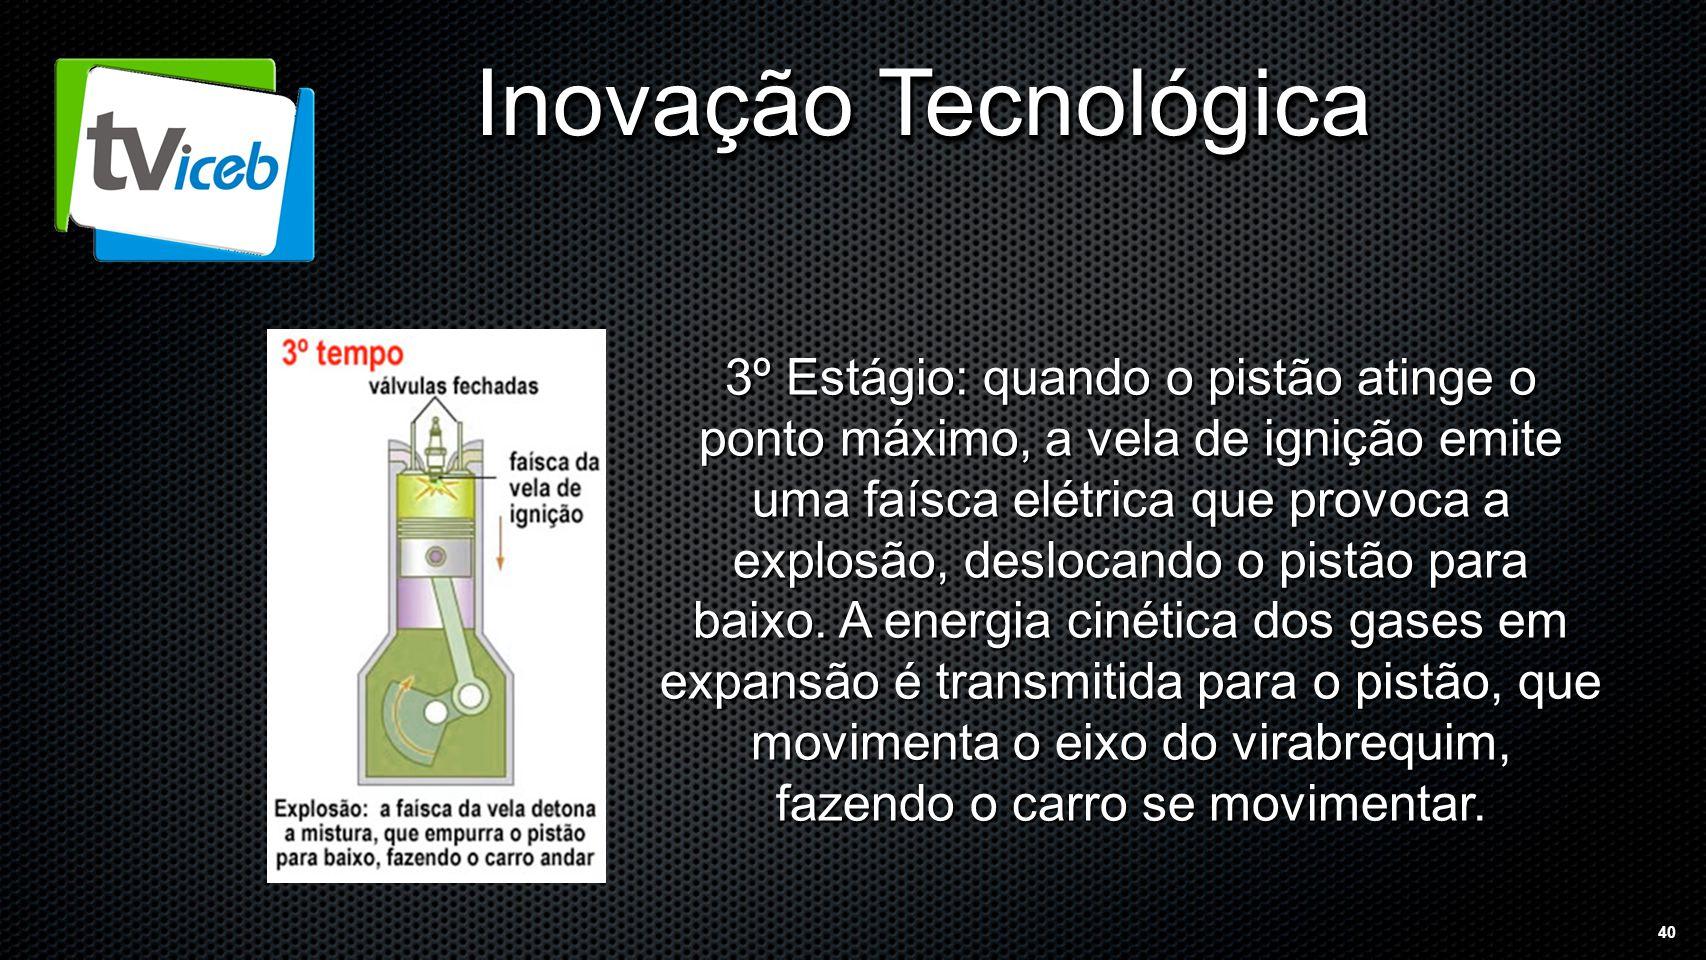 40 Inovação Tecnológica 3º Estágio: quando o pistão atinge o ponto máximo, a vela de ignição emite uma faísca elétrica que provoca a explosão, deslocando o pistão para baixo.